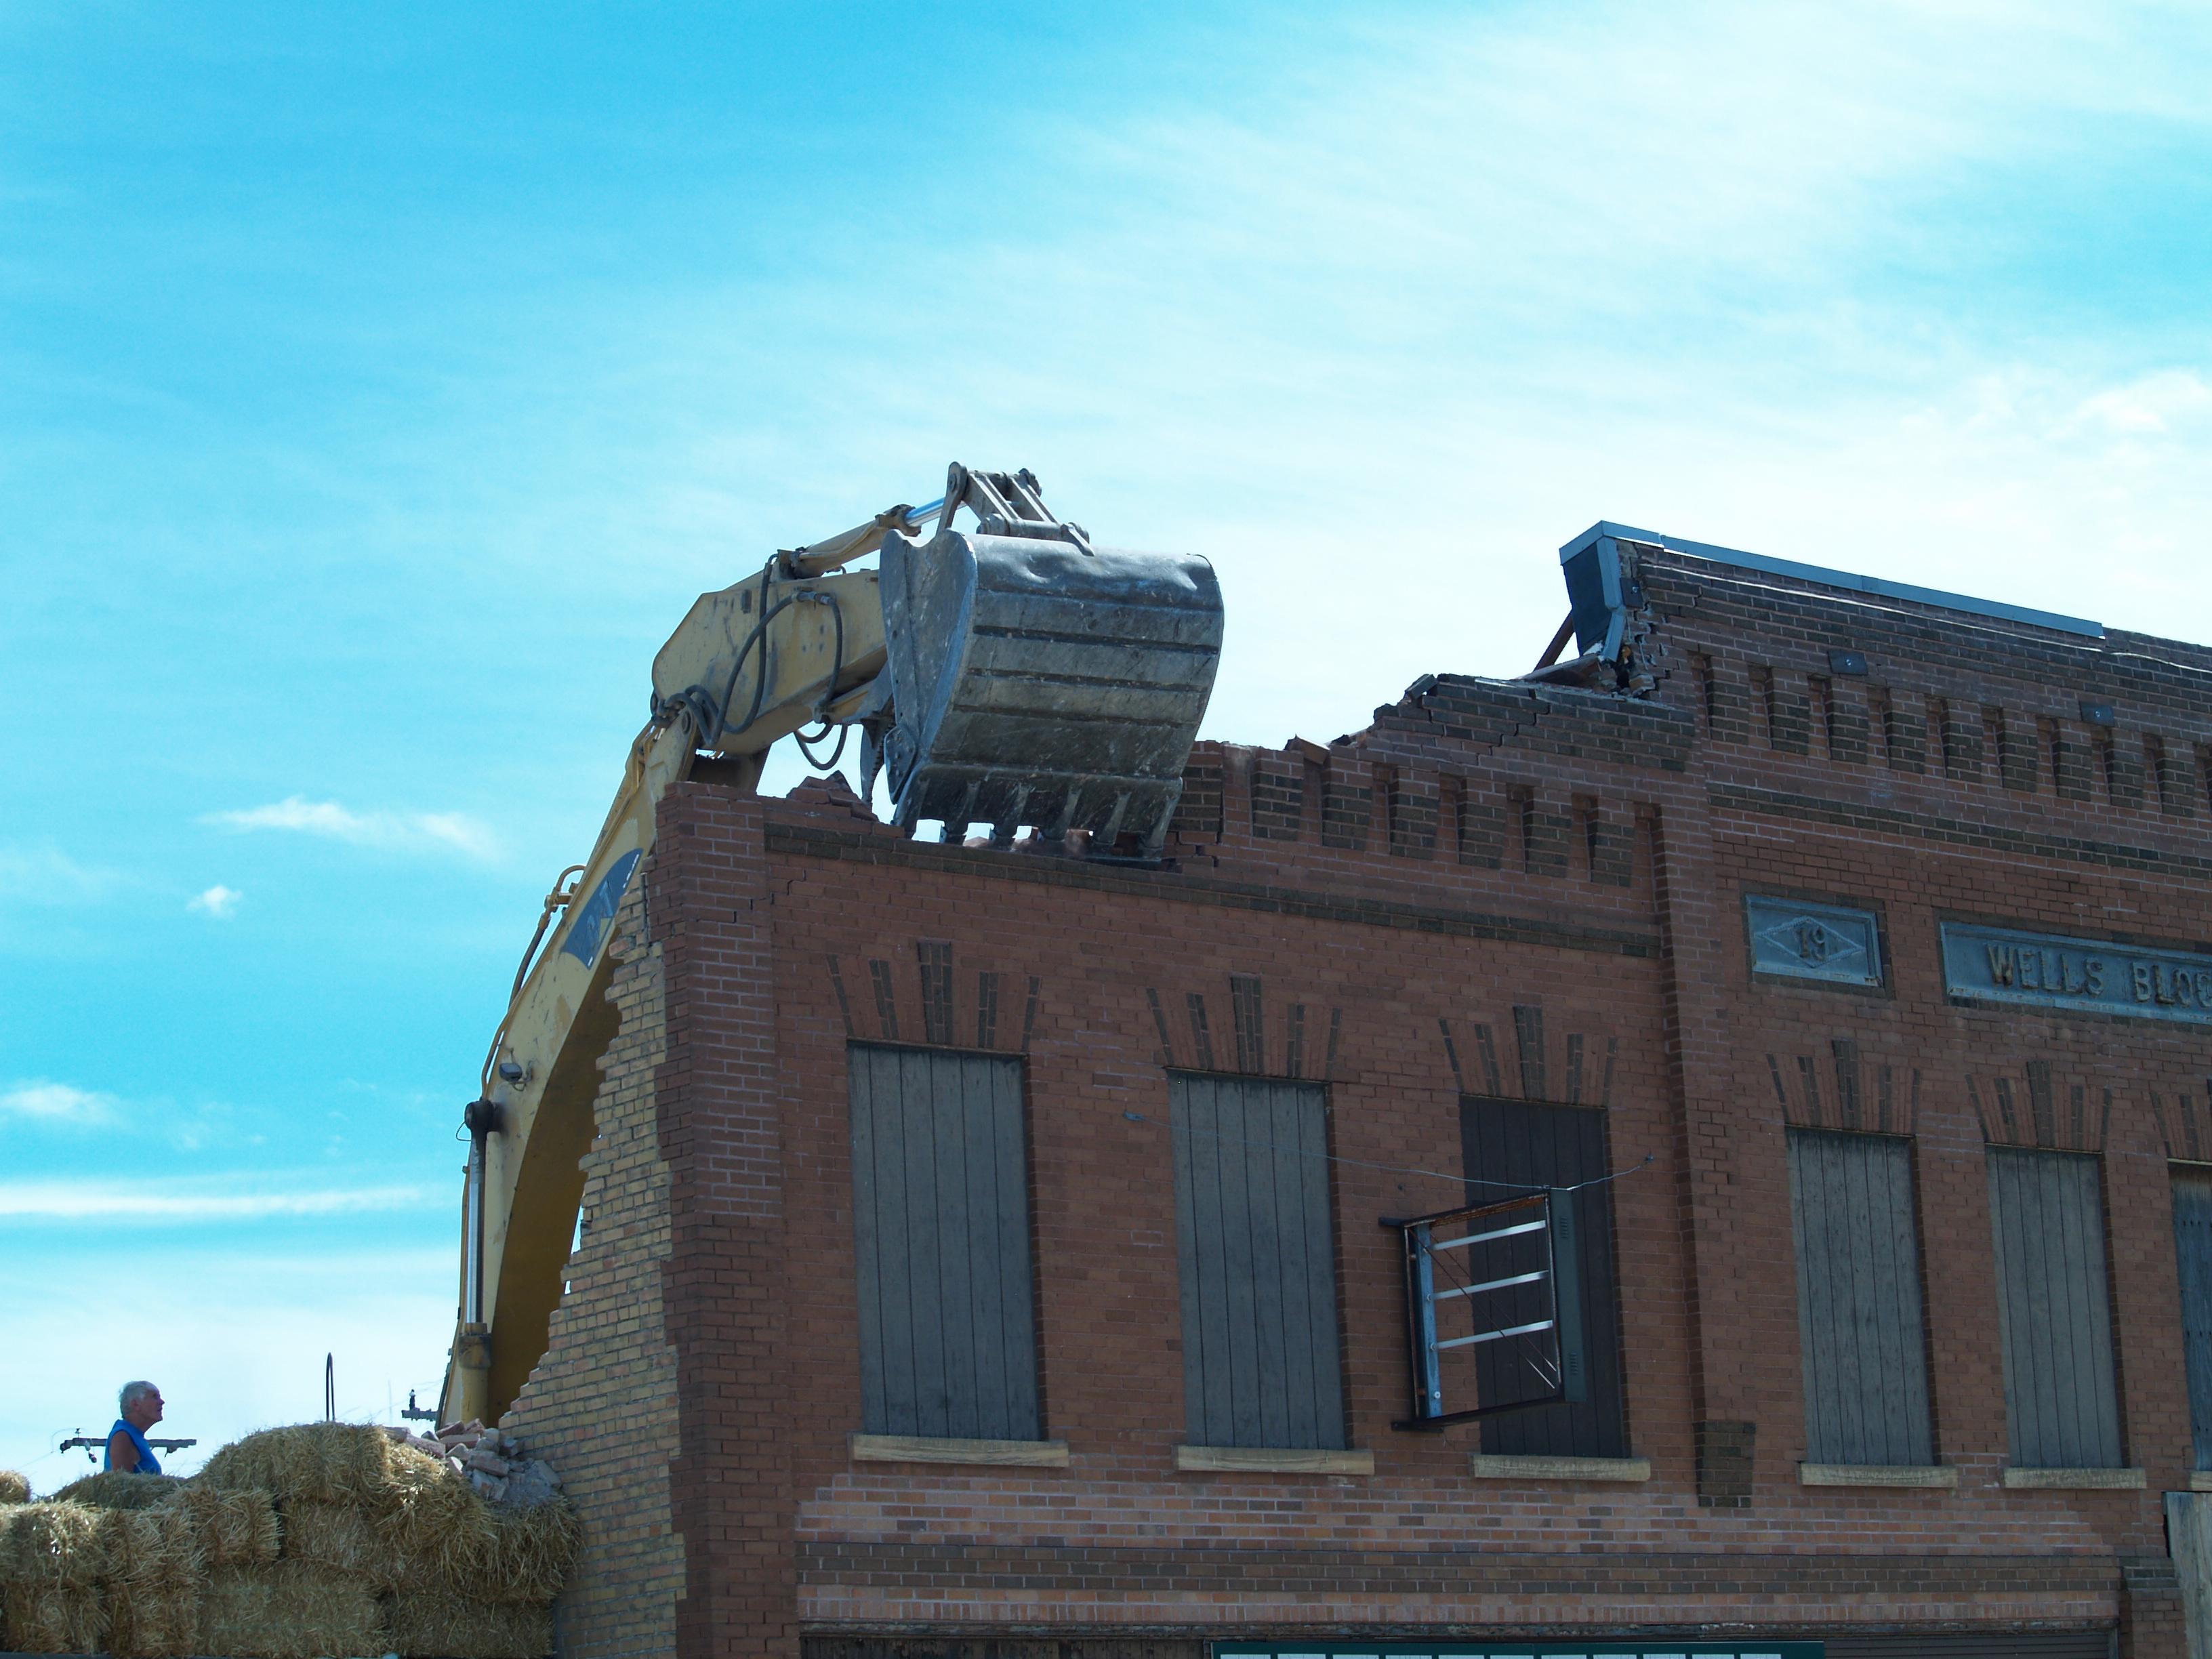 Demolition Day 2